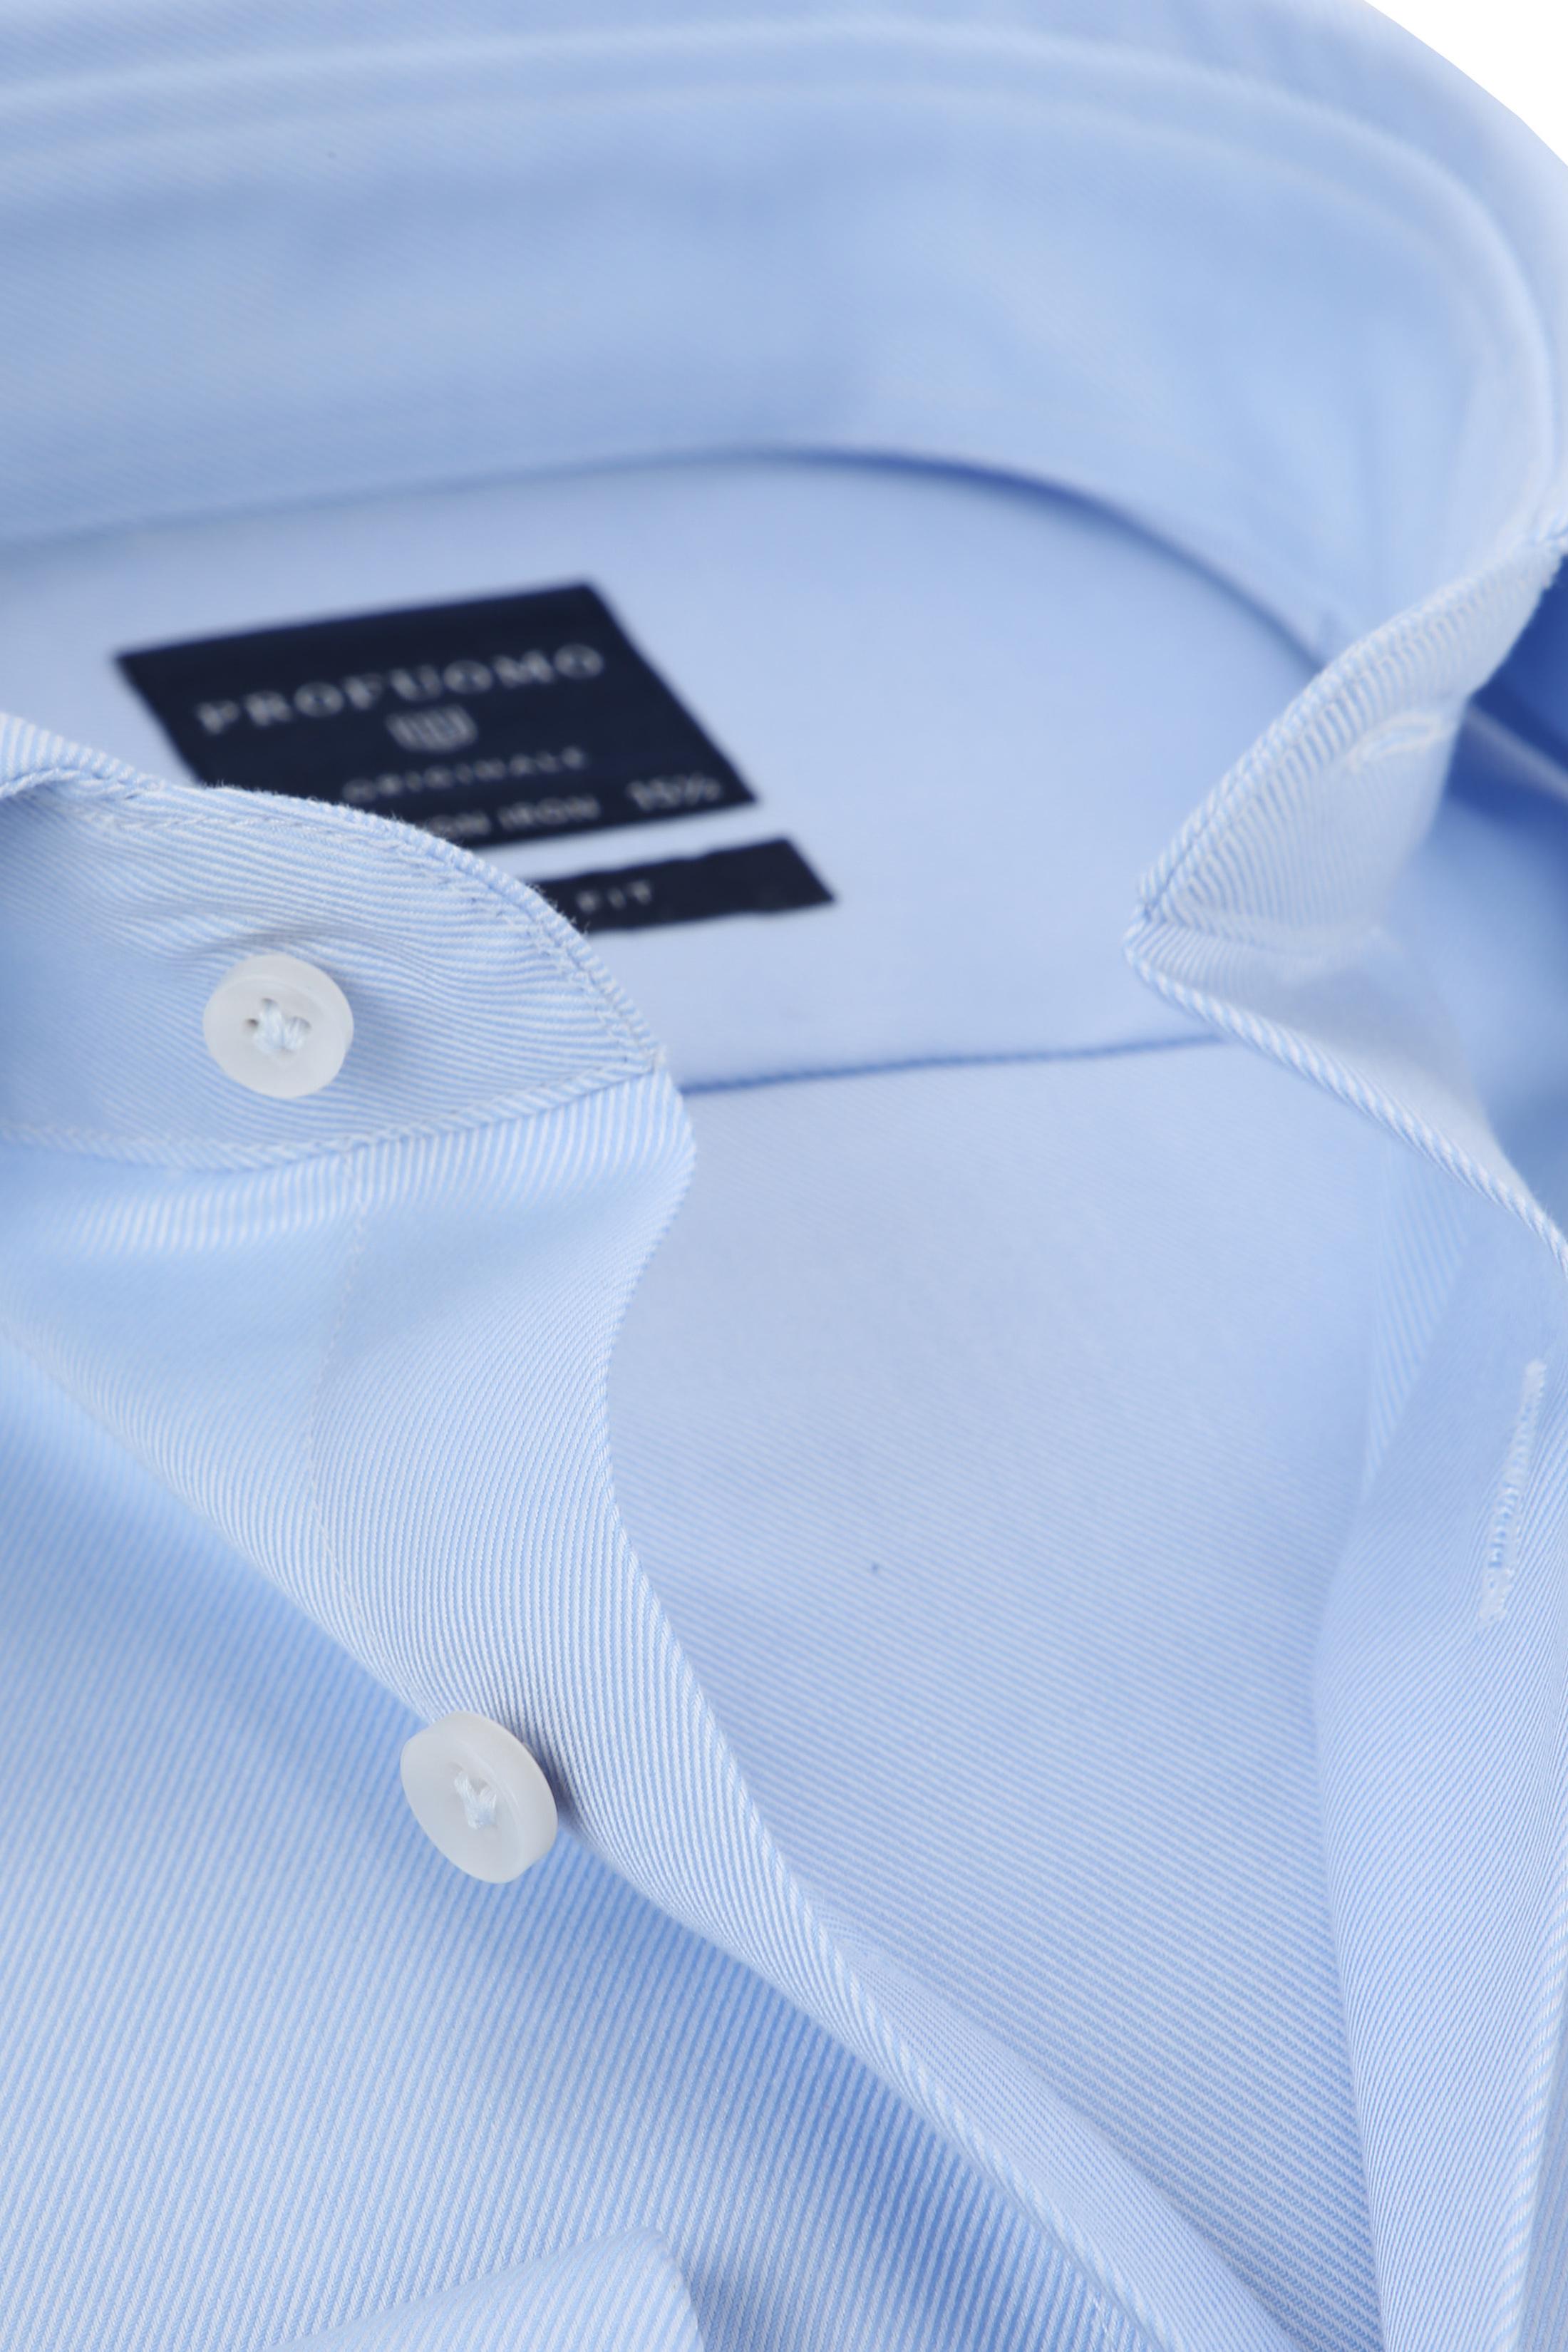 Profuomo Shirt Cutaway Double Cuff Blue foto 1